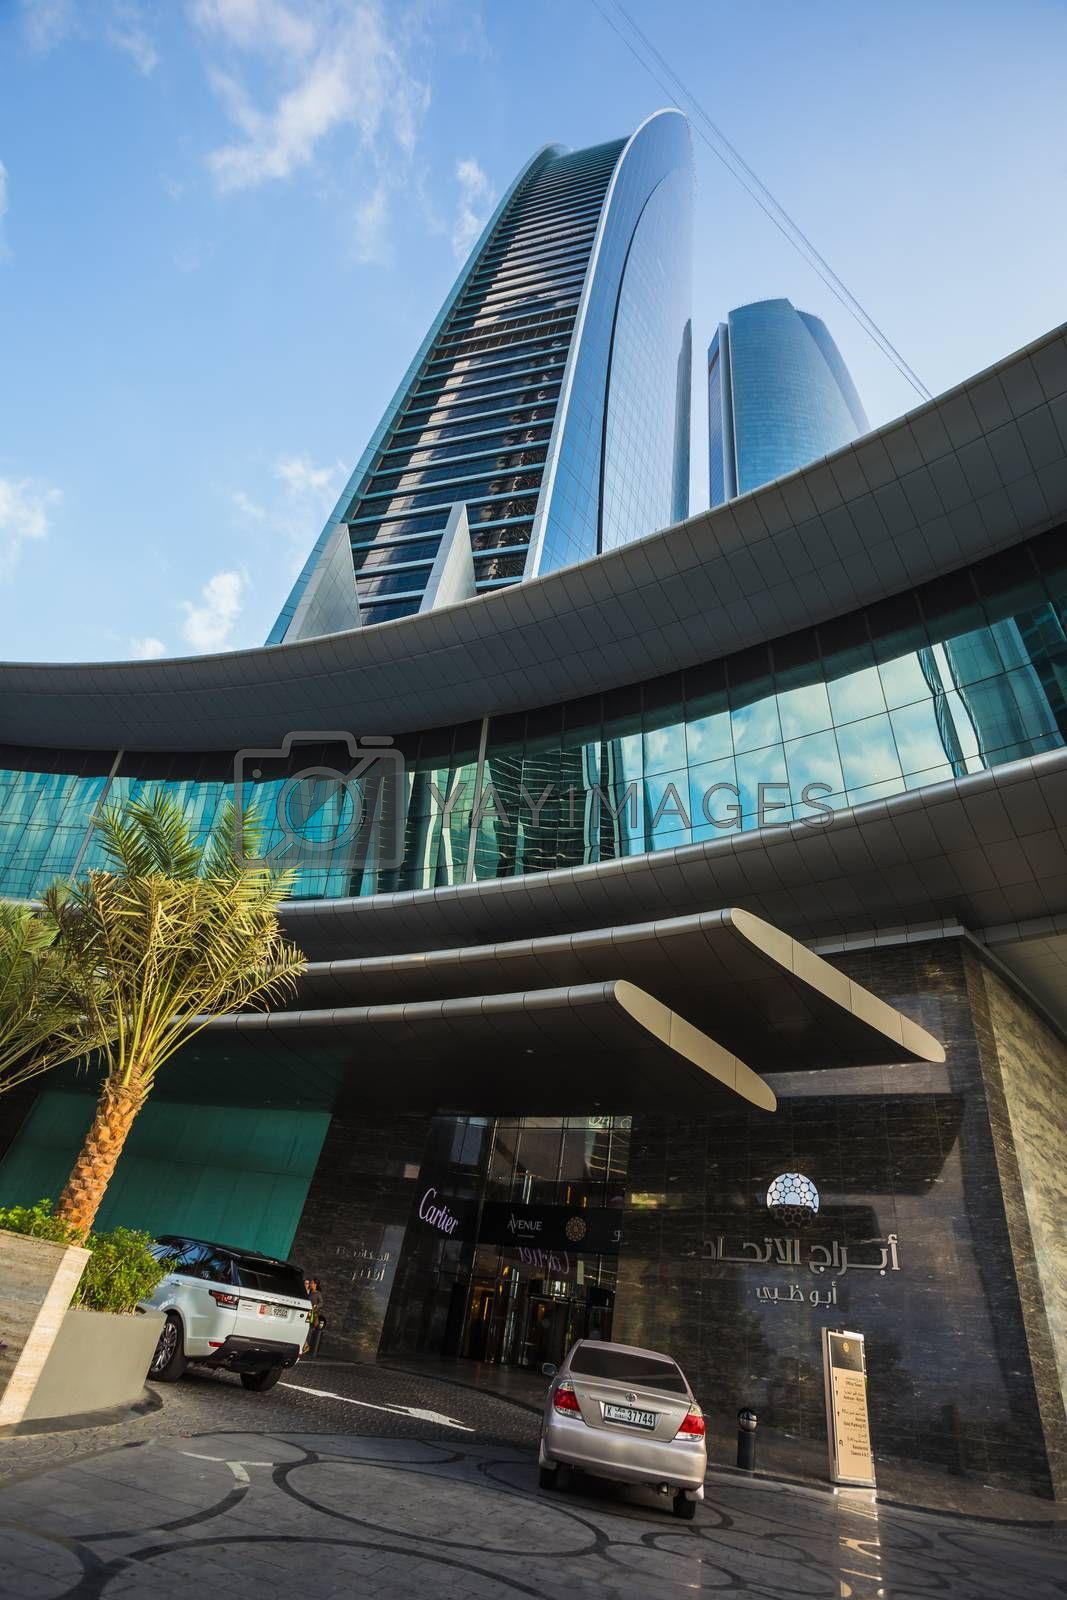 Royalty free image of Skyscrapers in Abu Dhabi, UAE by oleg_zhukov